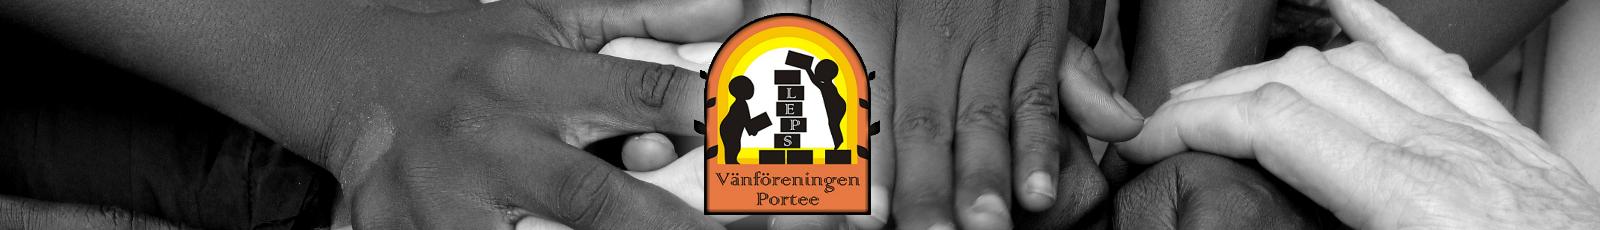 Vänföreningen Portee Logo